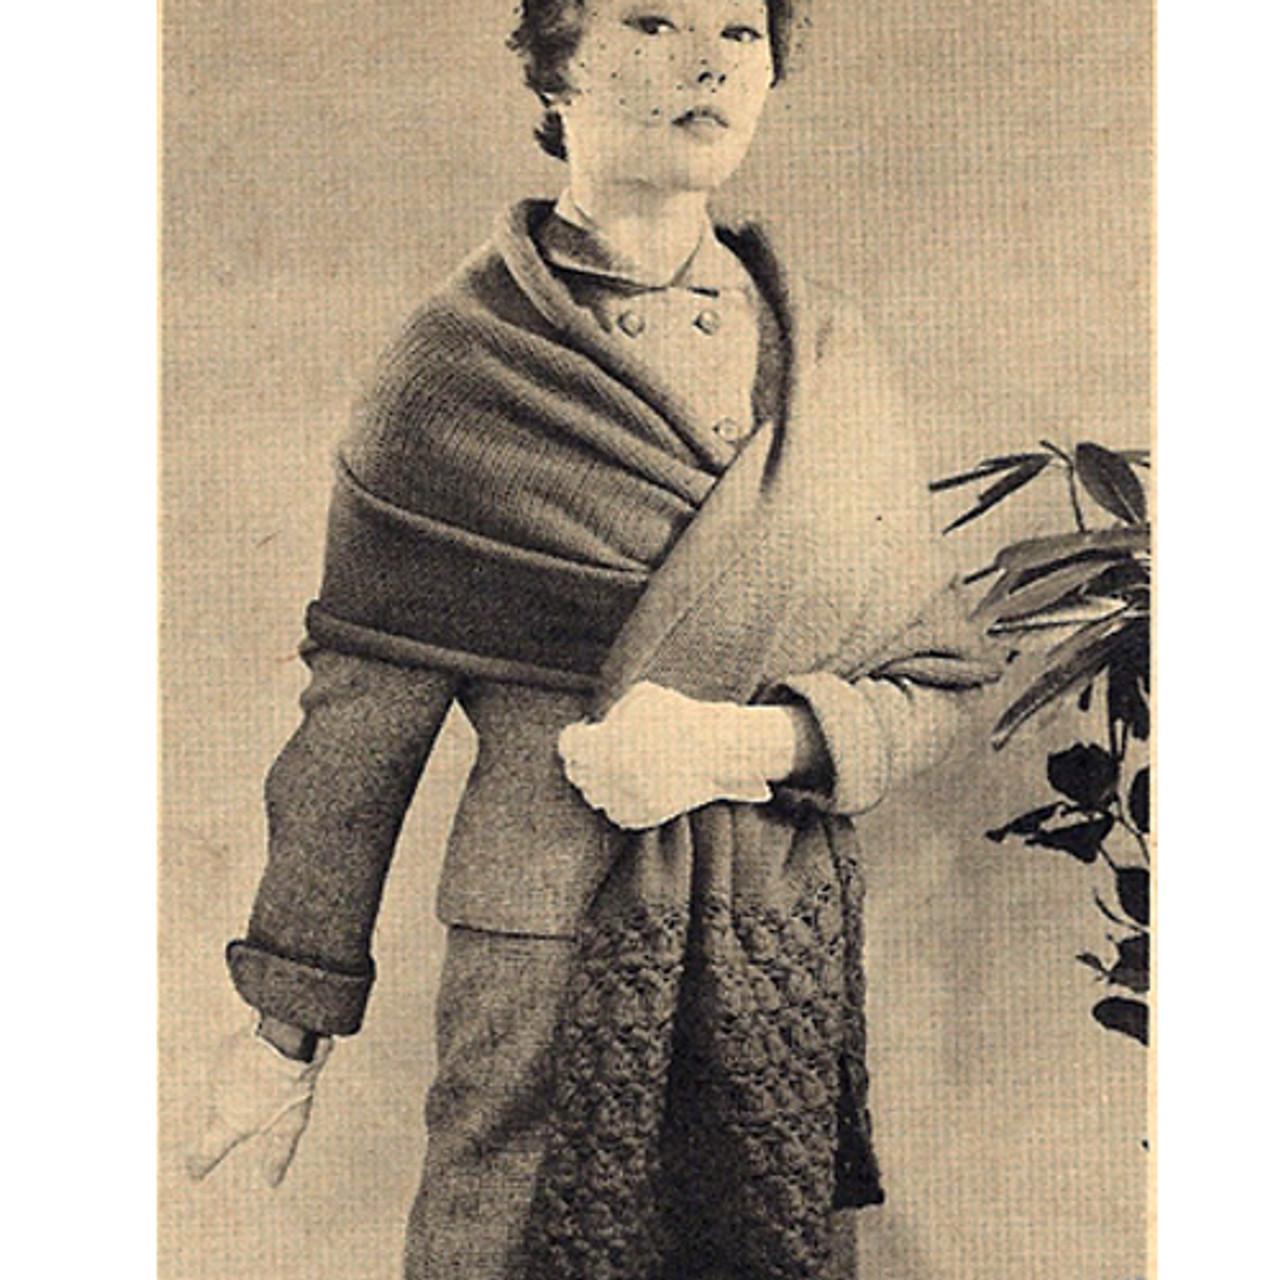 Vintage 1950's Stole Knitting pattern